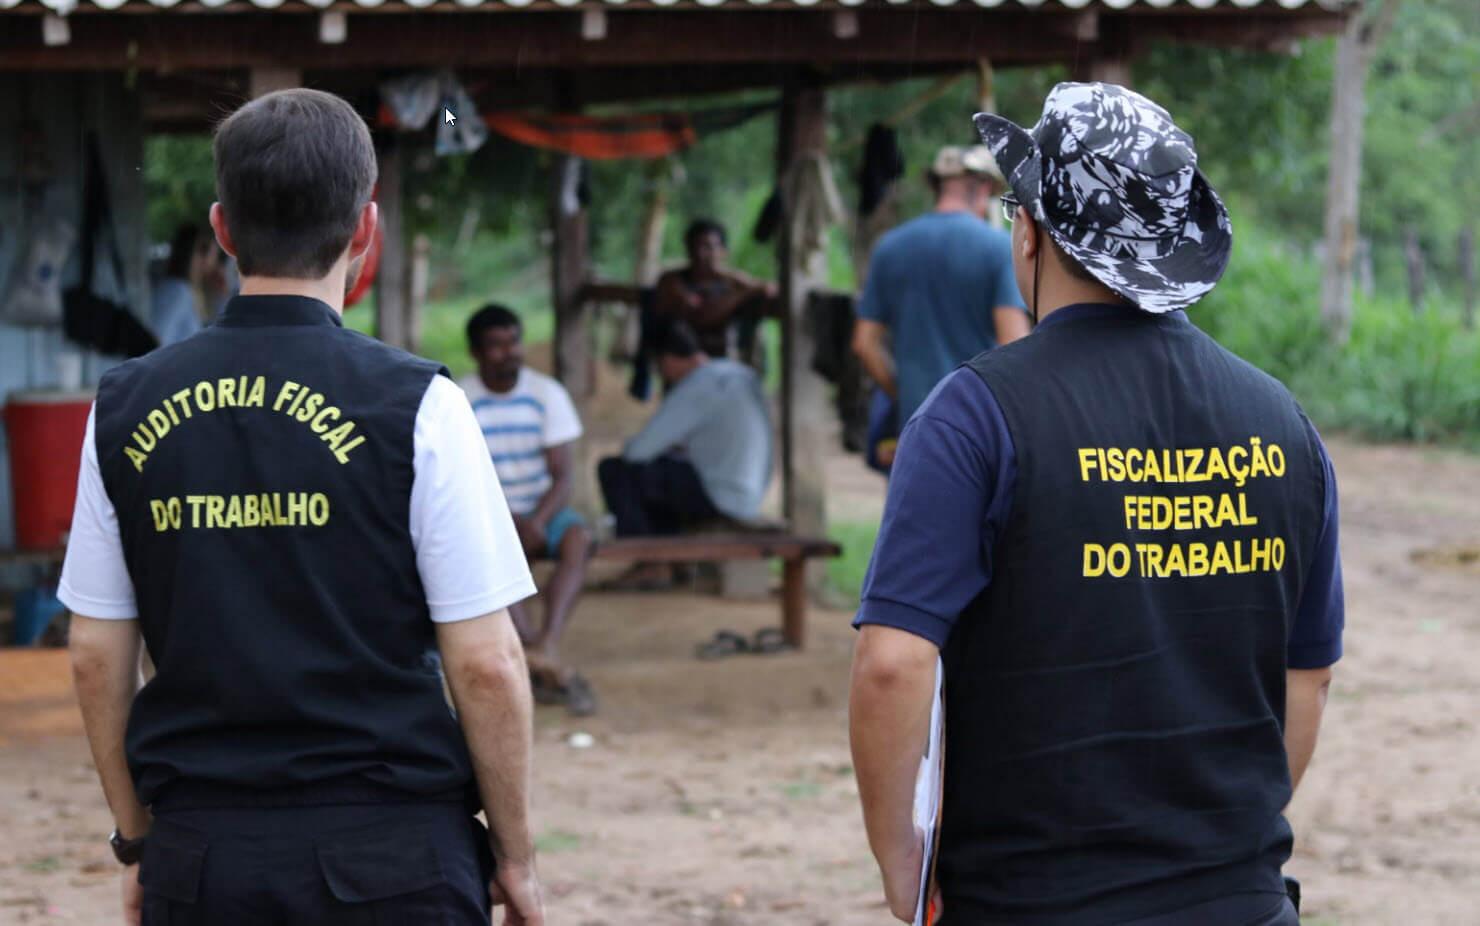 Último concurso do Ministério do Trabalho ocorreu em 2013 (Foto: Divulgação/Enit)